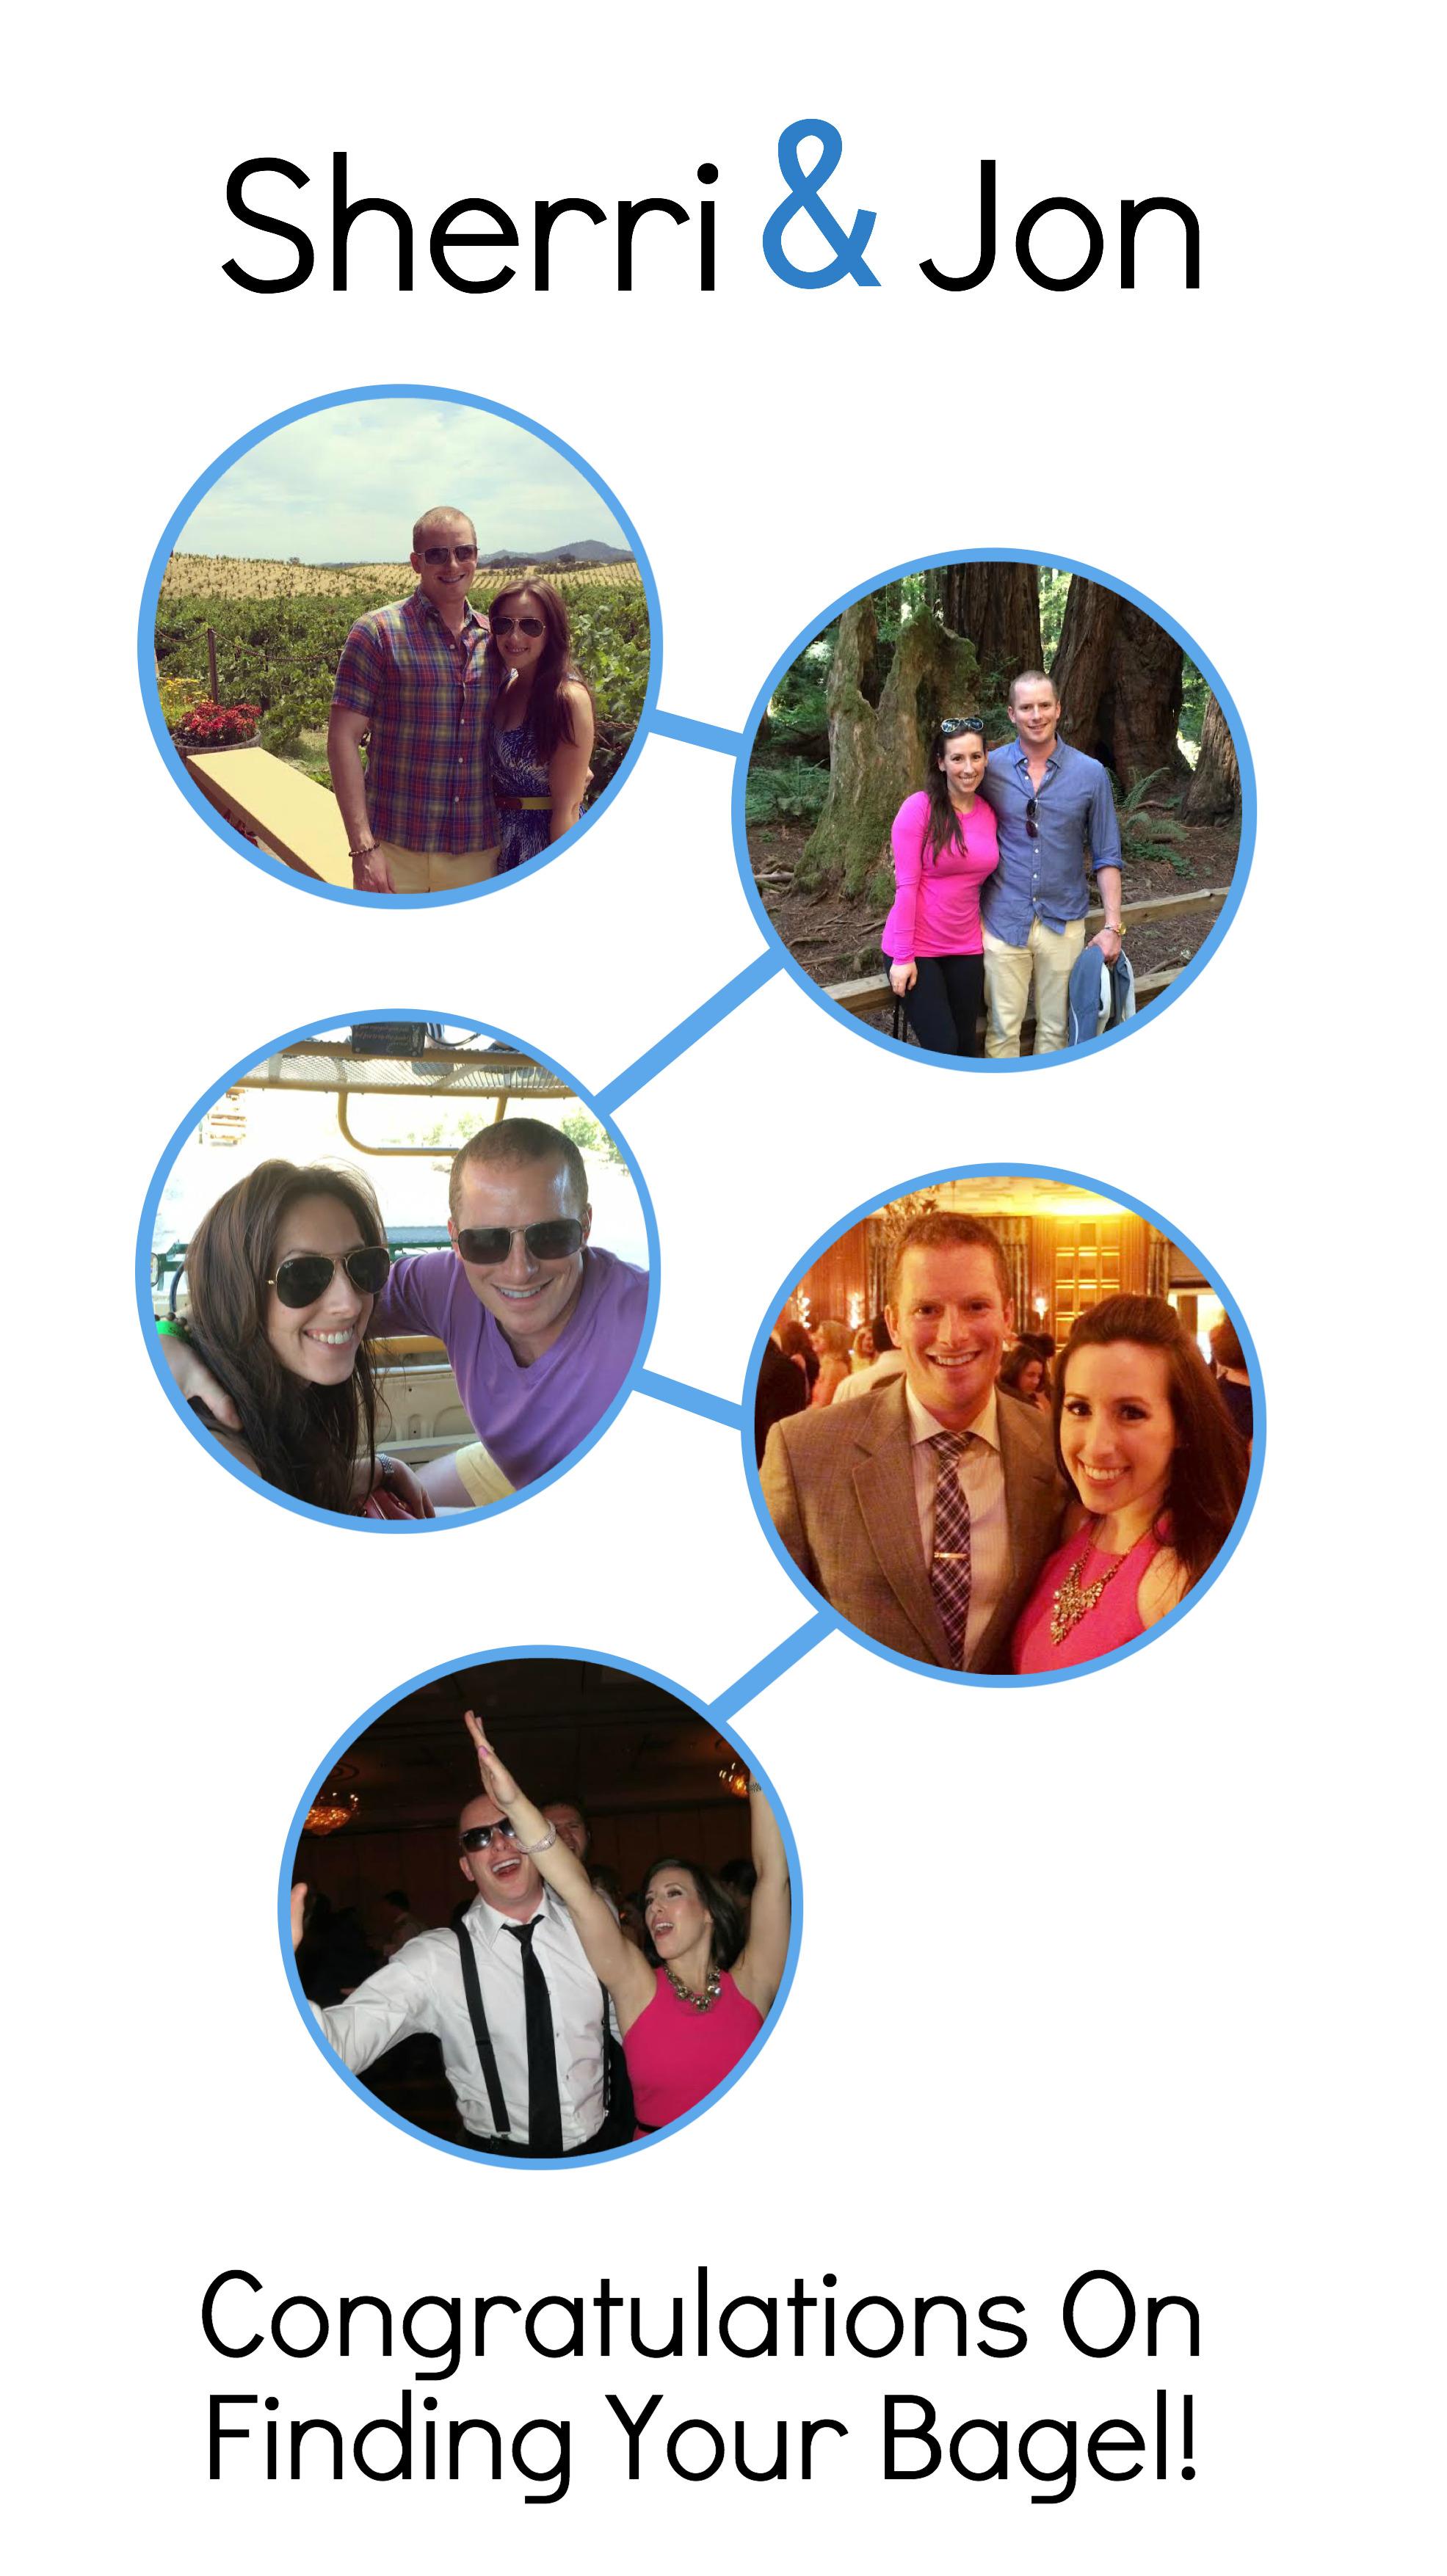 Sherri & Jon's timeline